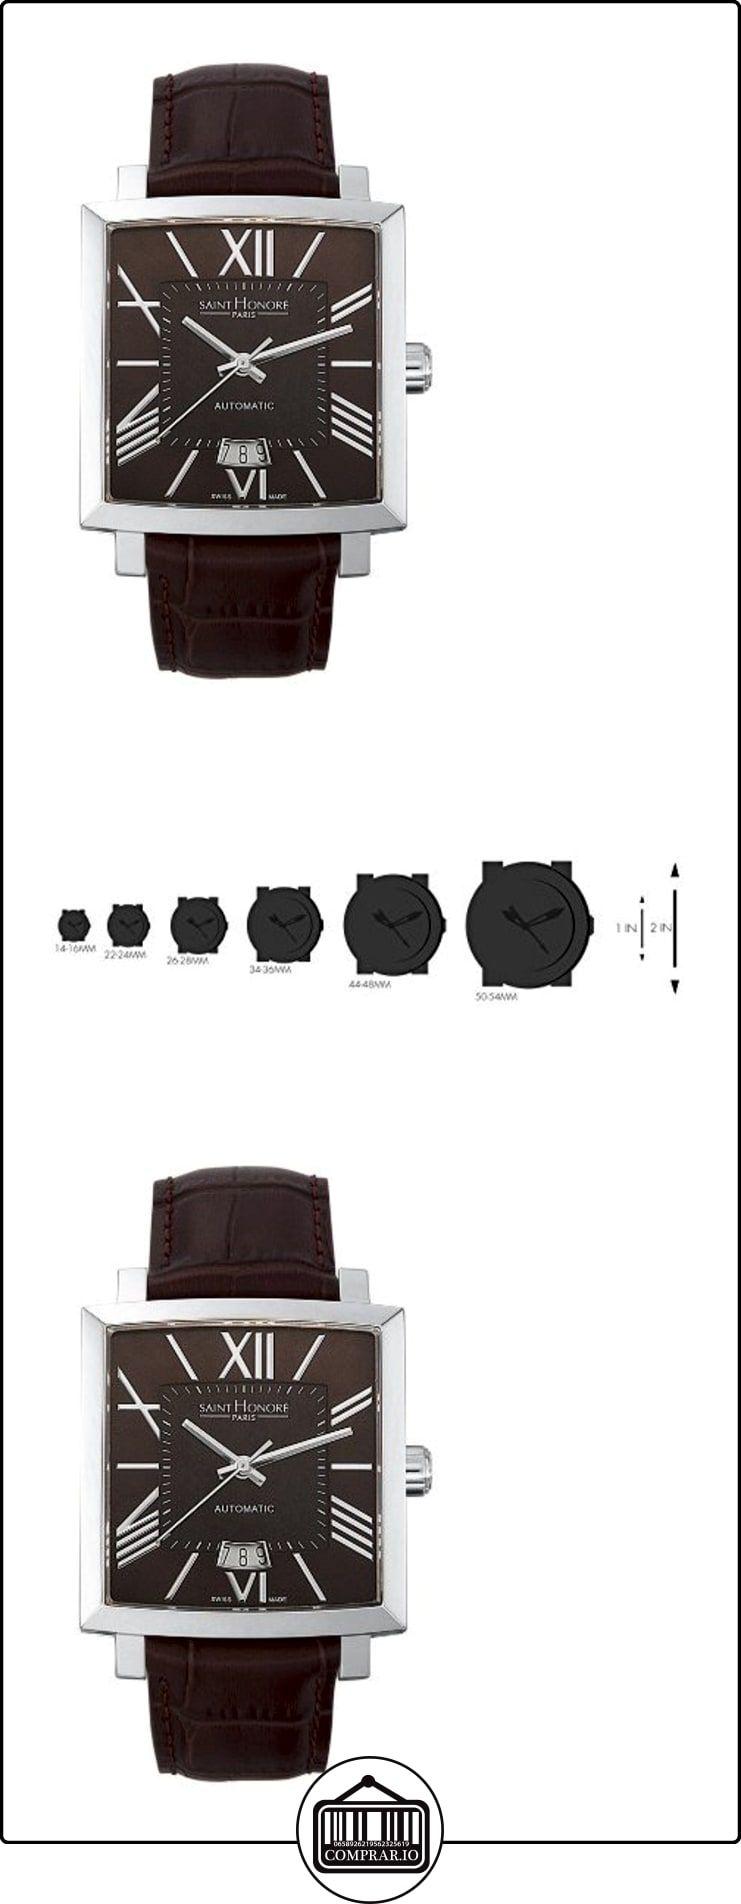 Saint Honore Reloj los Mujeres Orsay Automática 8970901NMRN  ✿ Relojes para hombre - (Lujo) ✿